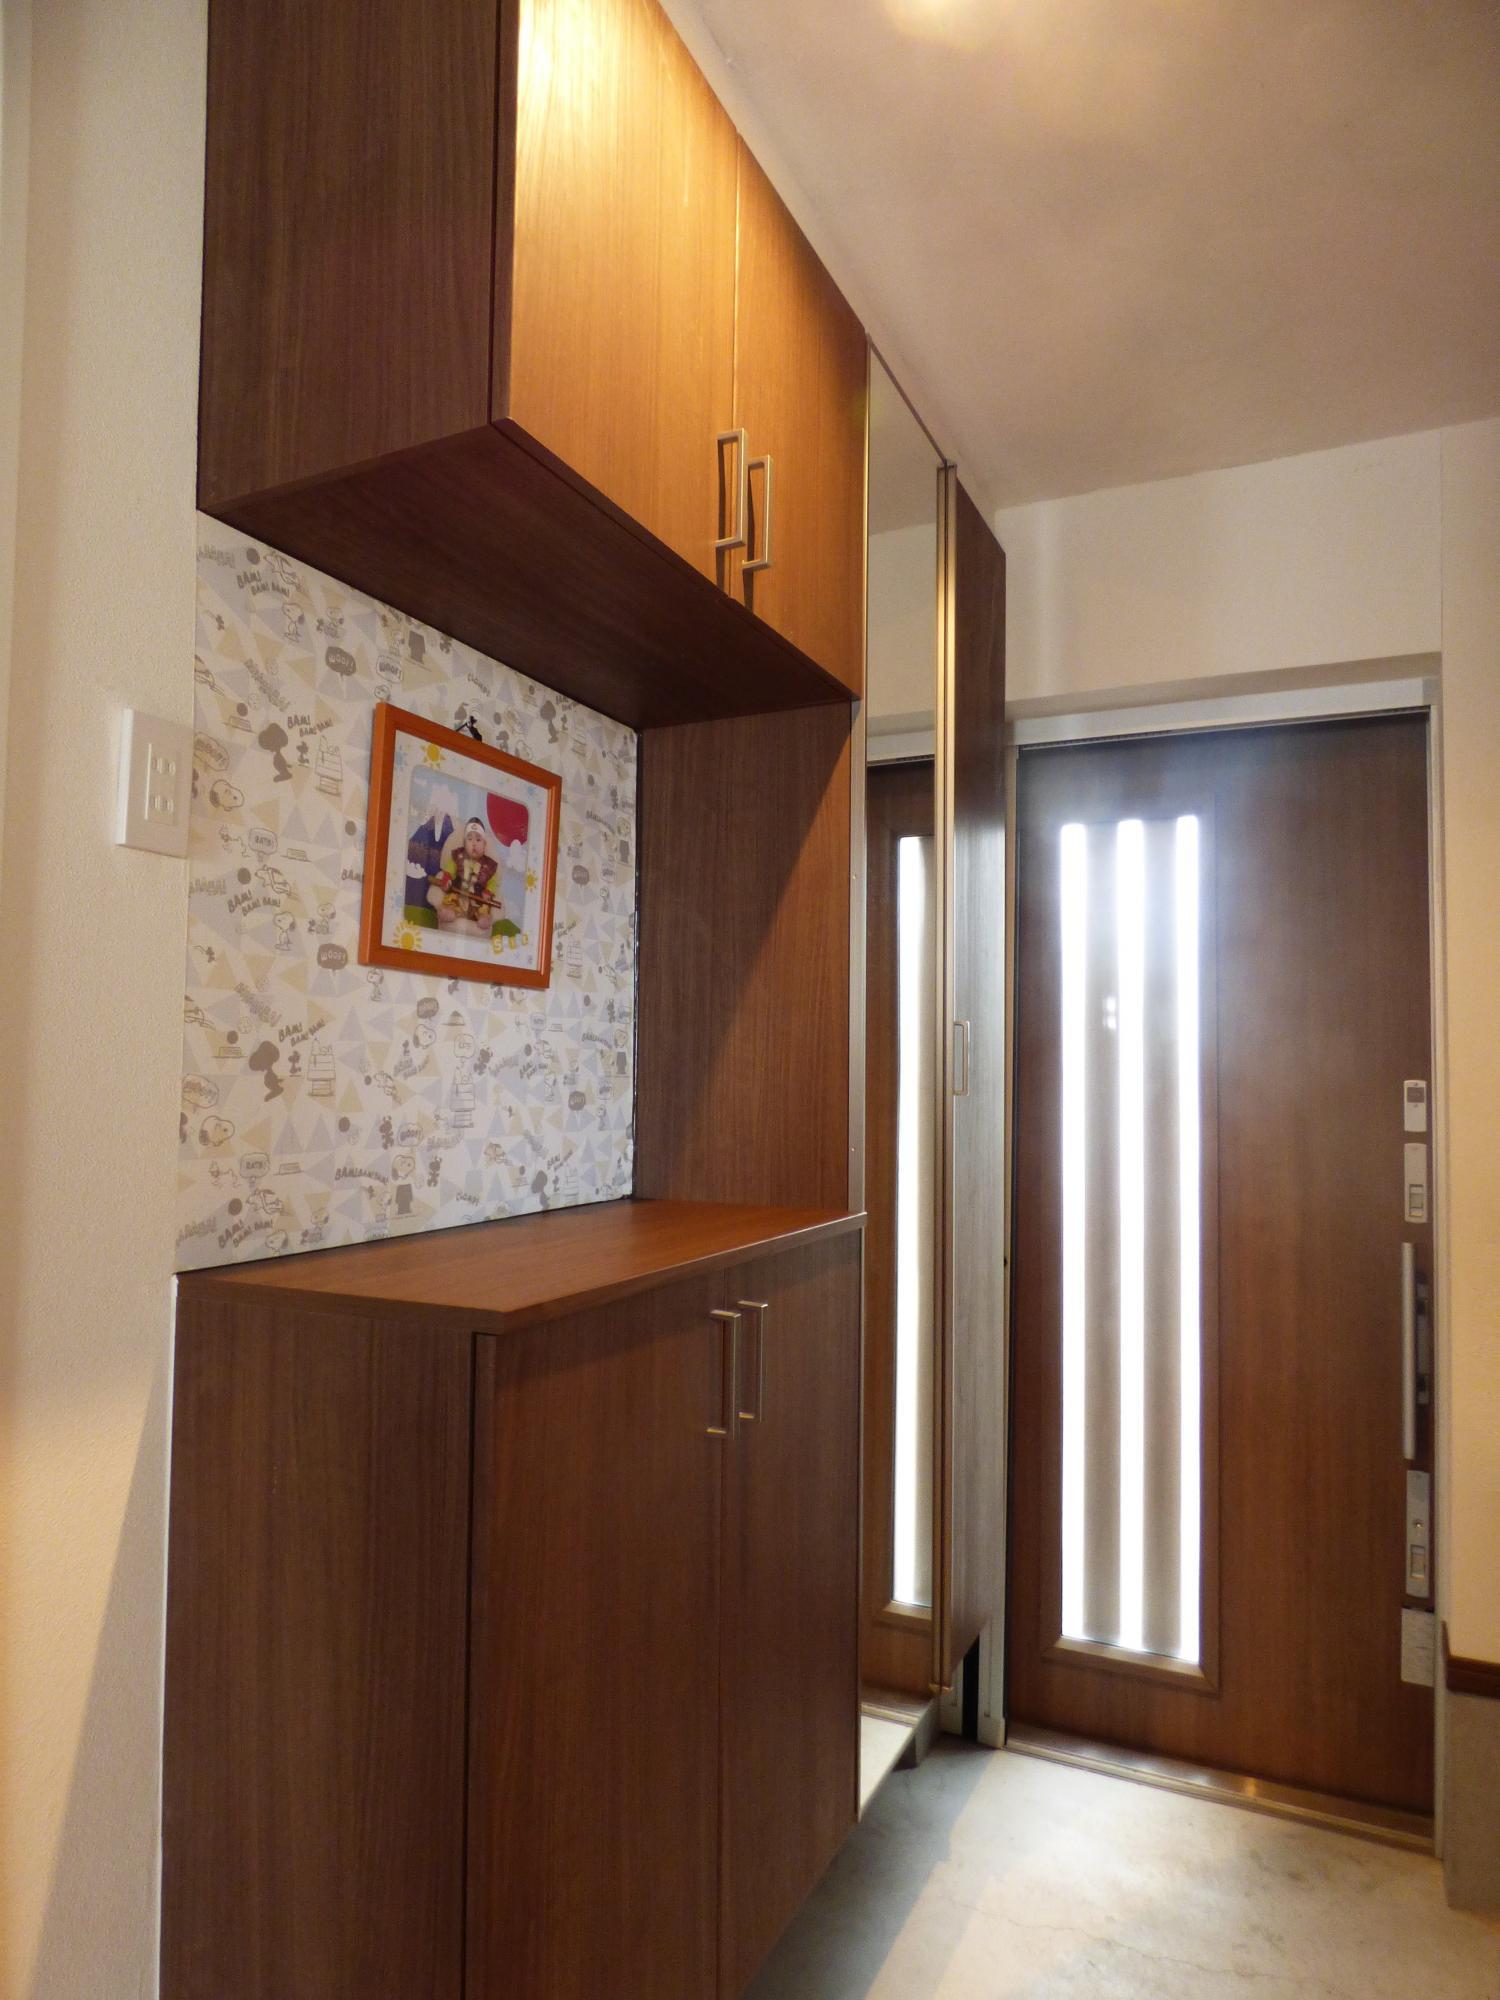 玄関引き戸はリクシル製片引き戸を使用し、ベビーカーや車椅子でも楽々入れるよう考慮しました。玄関収納も充実です。